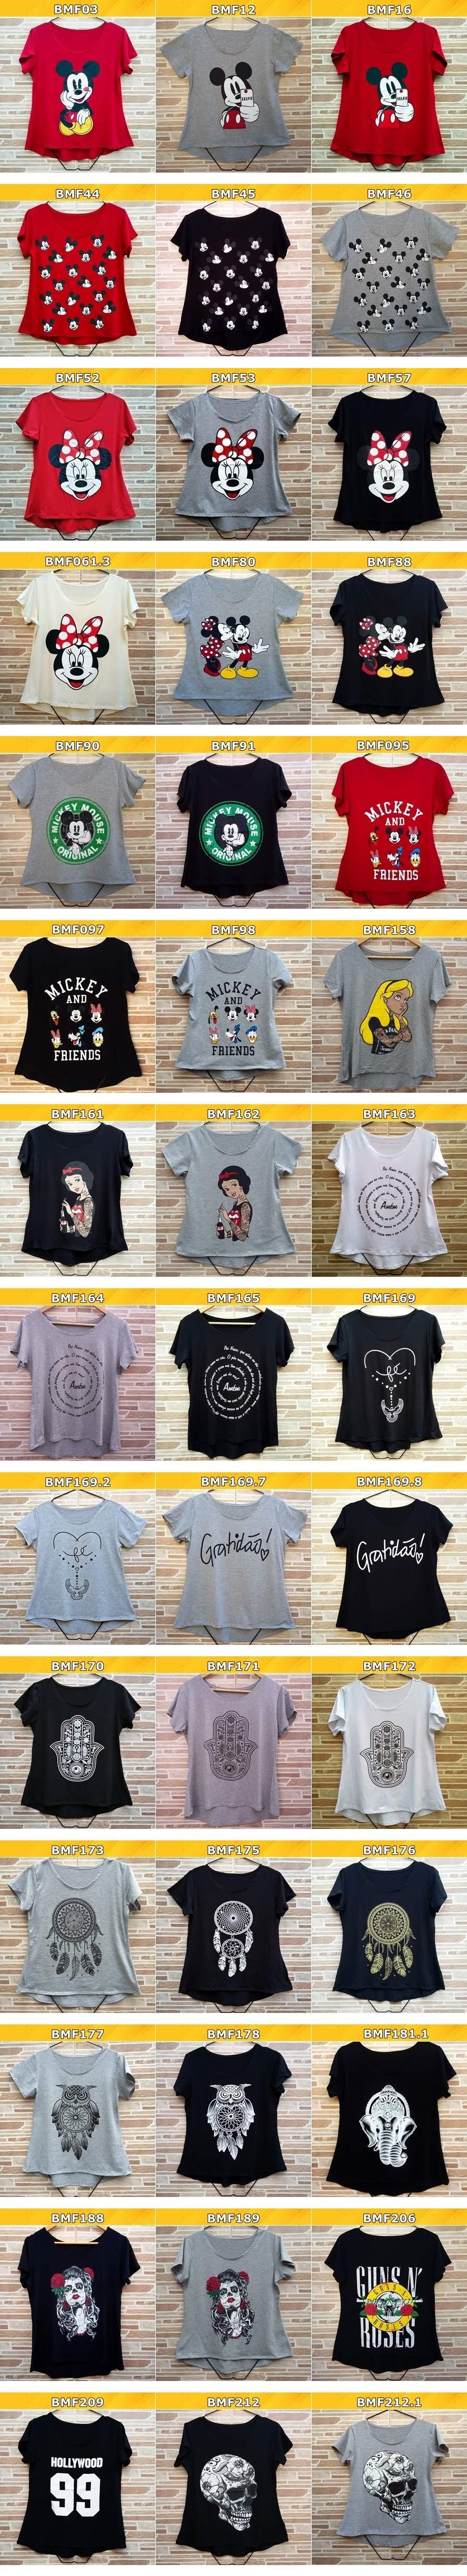 Tabela camisetas femininas GLICOMSHOP